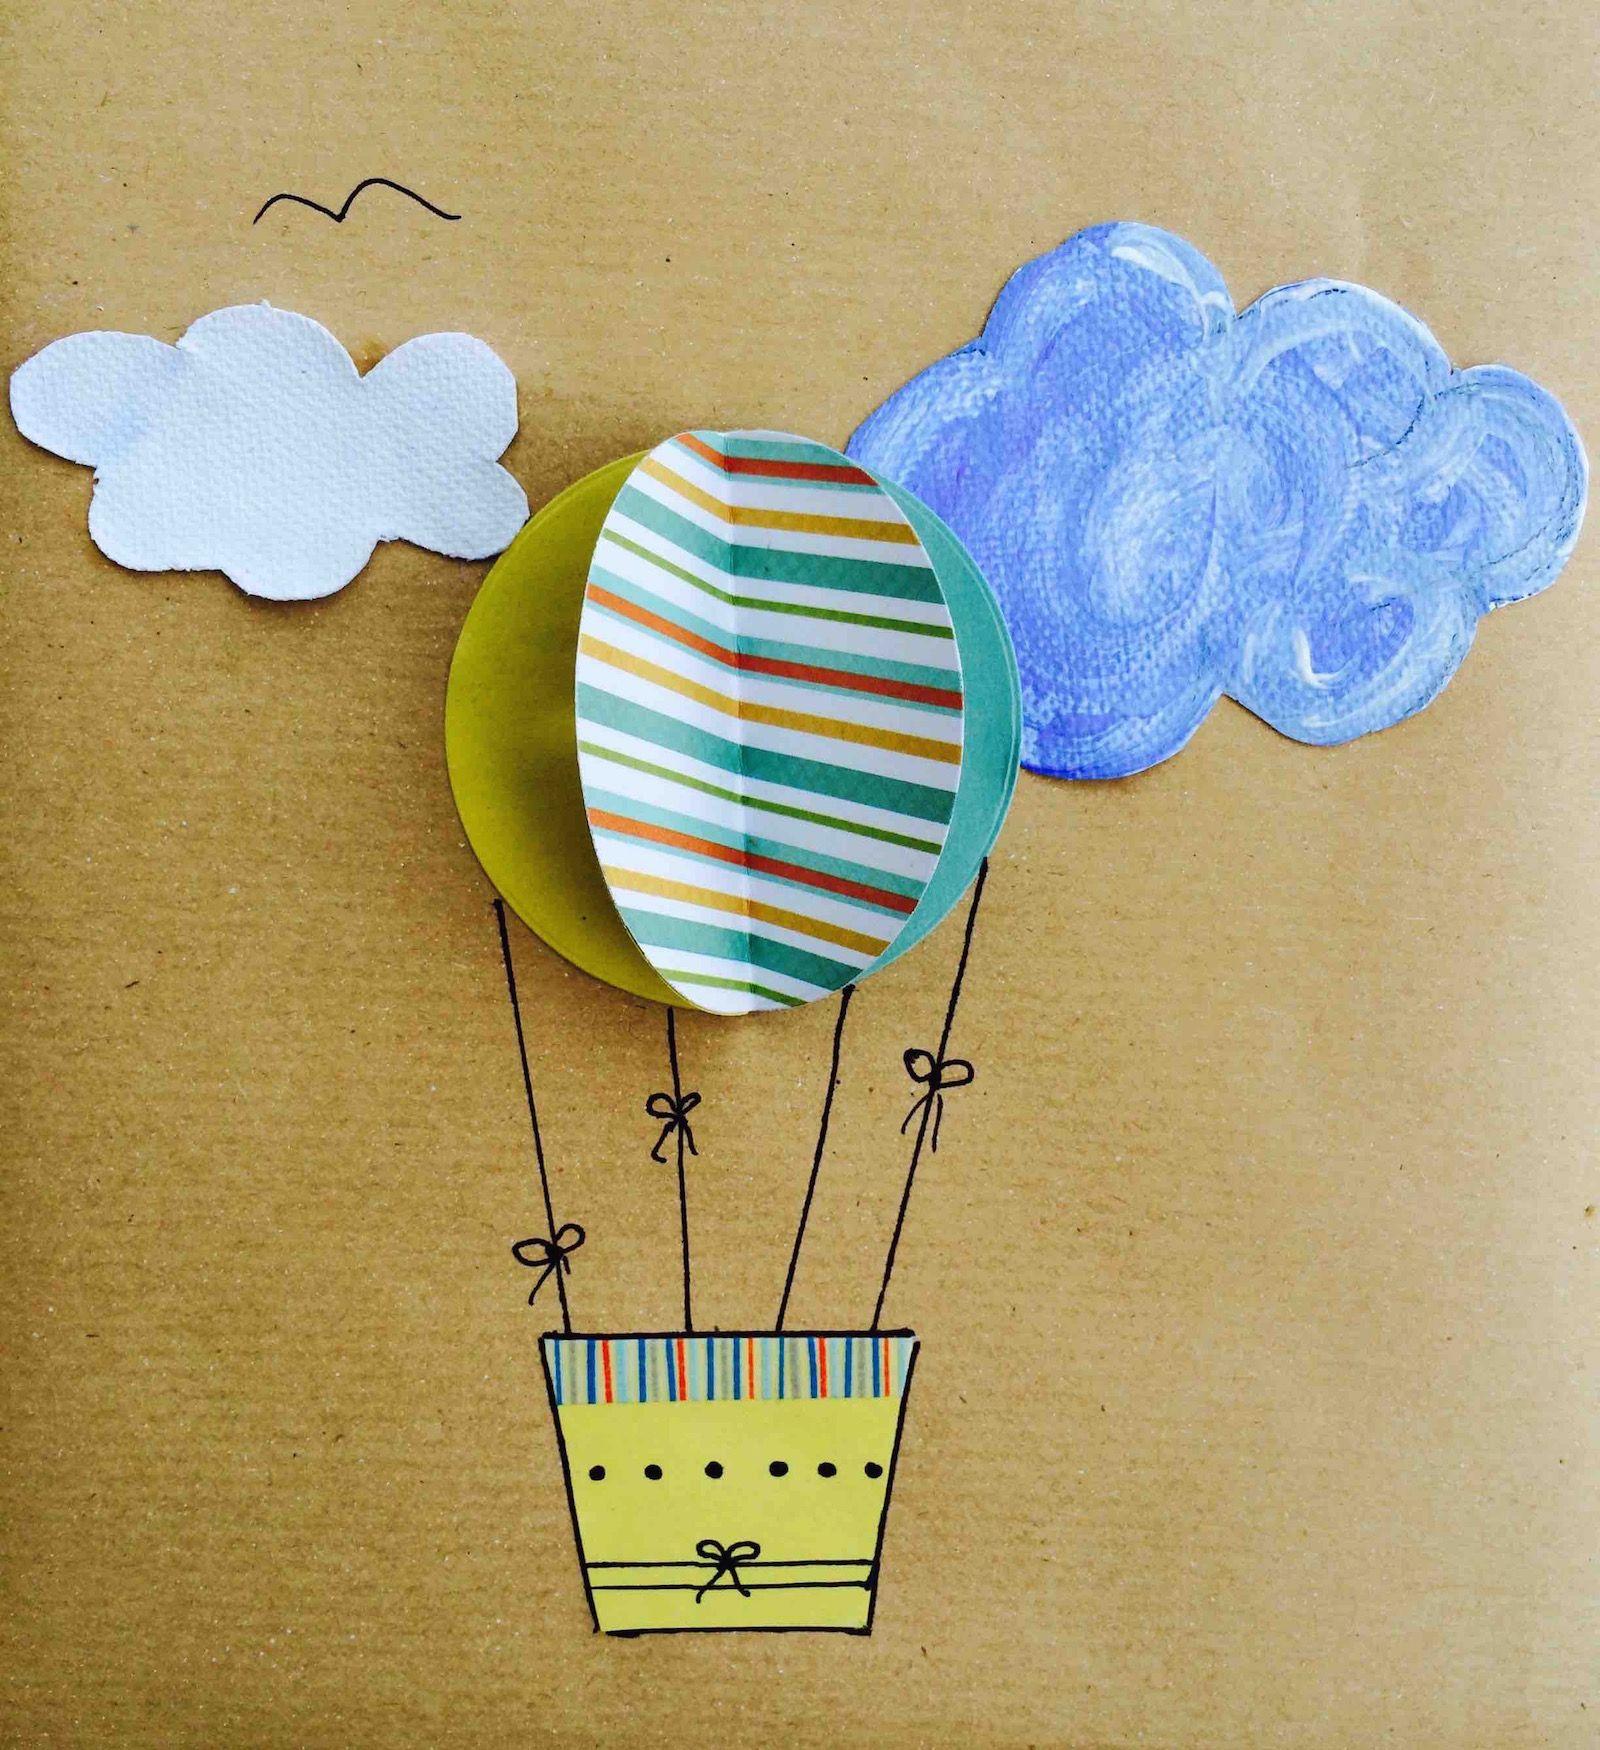 представлена воздушный шар на открытке своими синдром ранней реполяризации